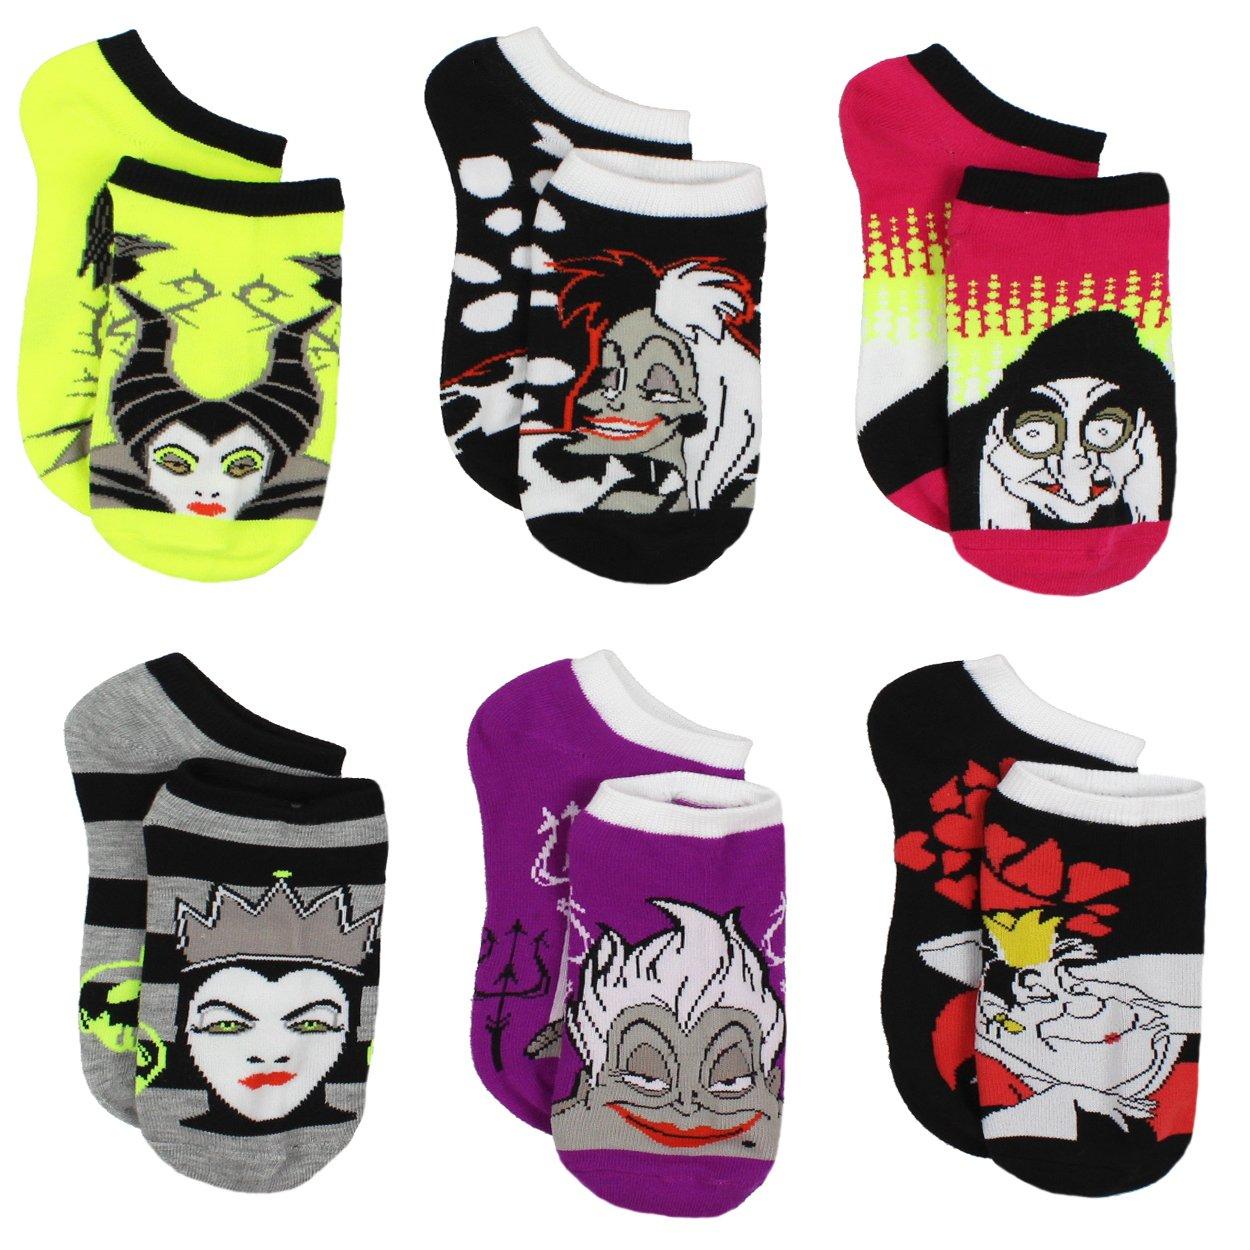 Disney Villains Teen Womens 6 pack Socks (9-11 (Shoe: 4-10), Villains Black/Multi)